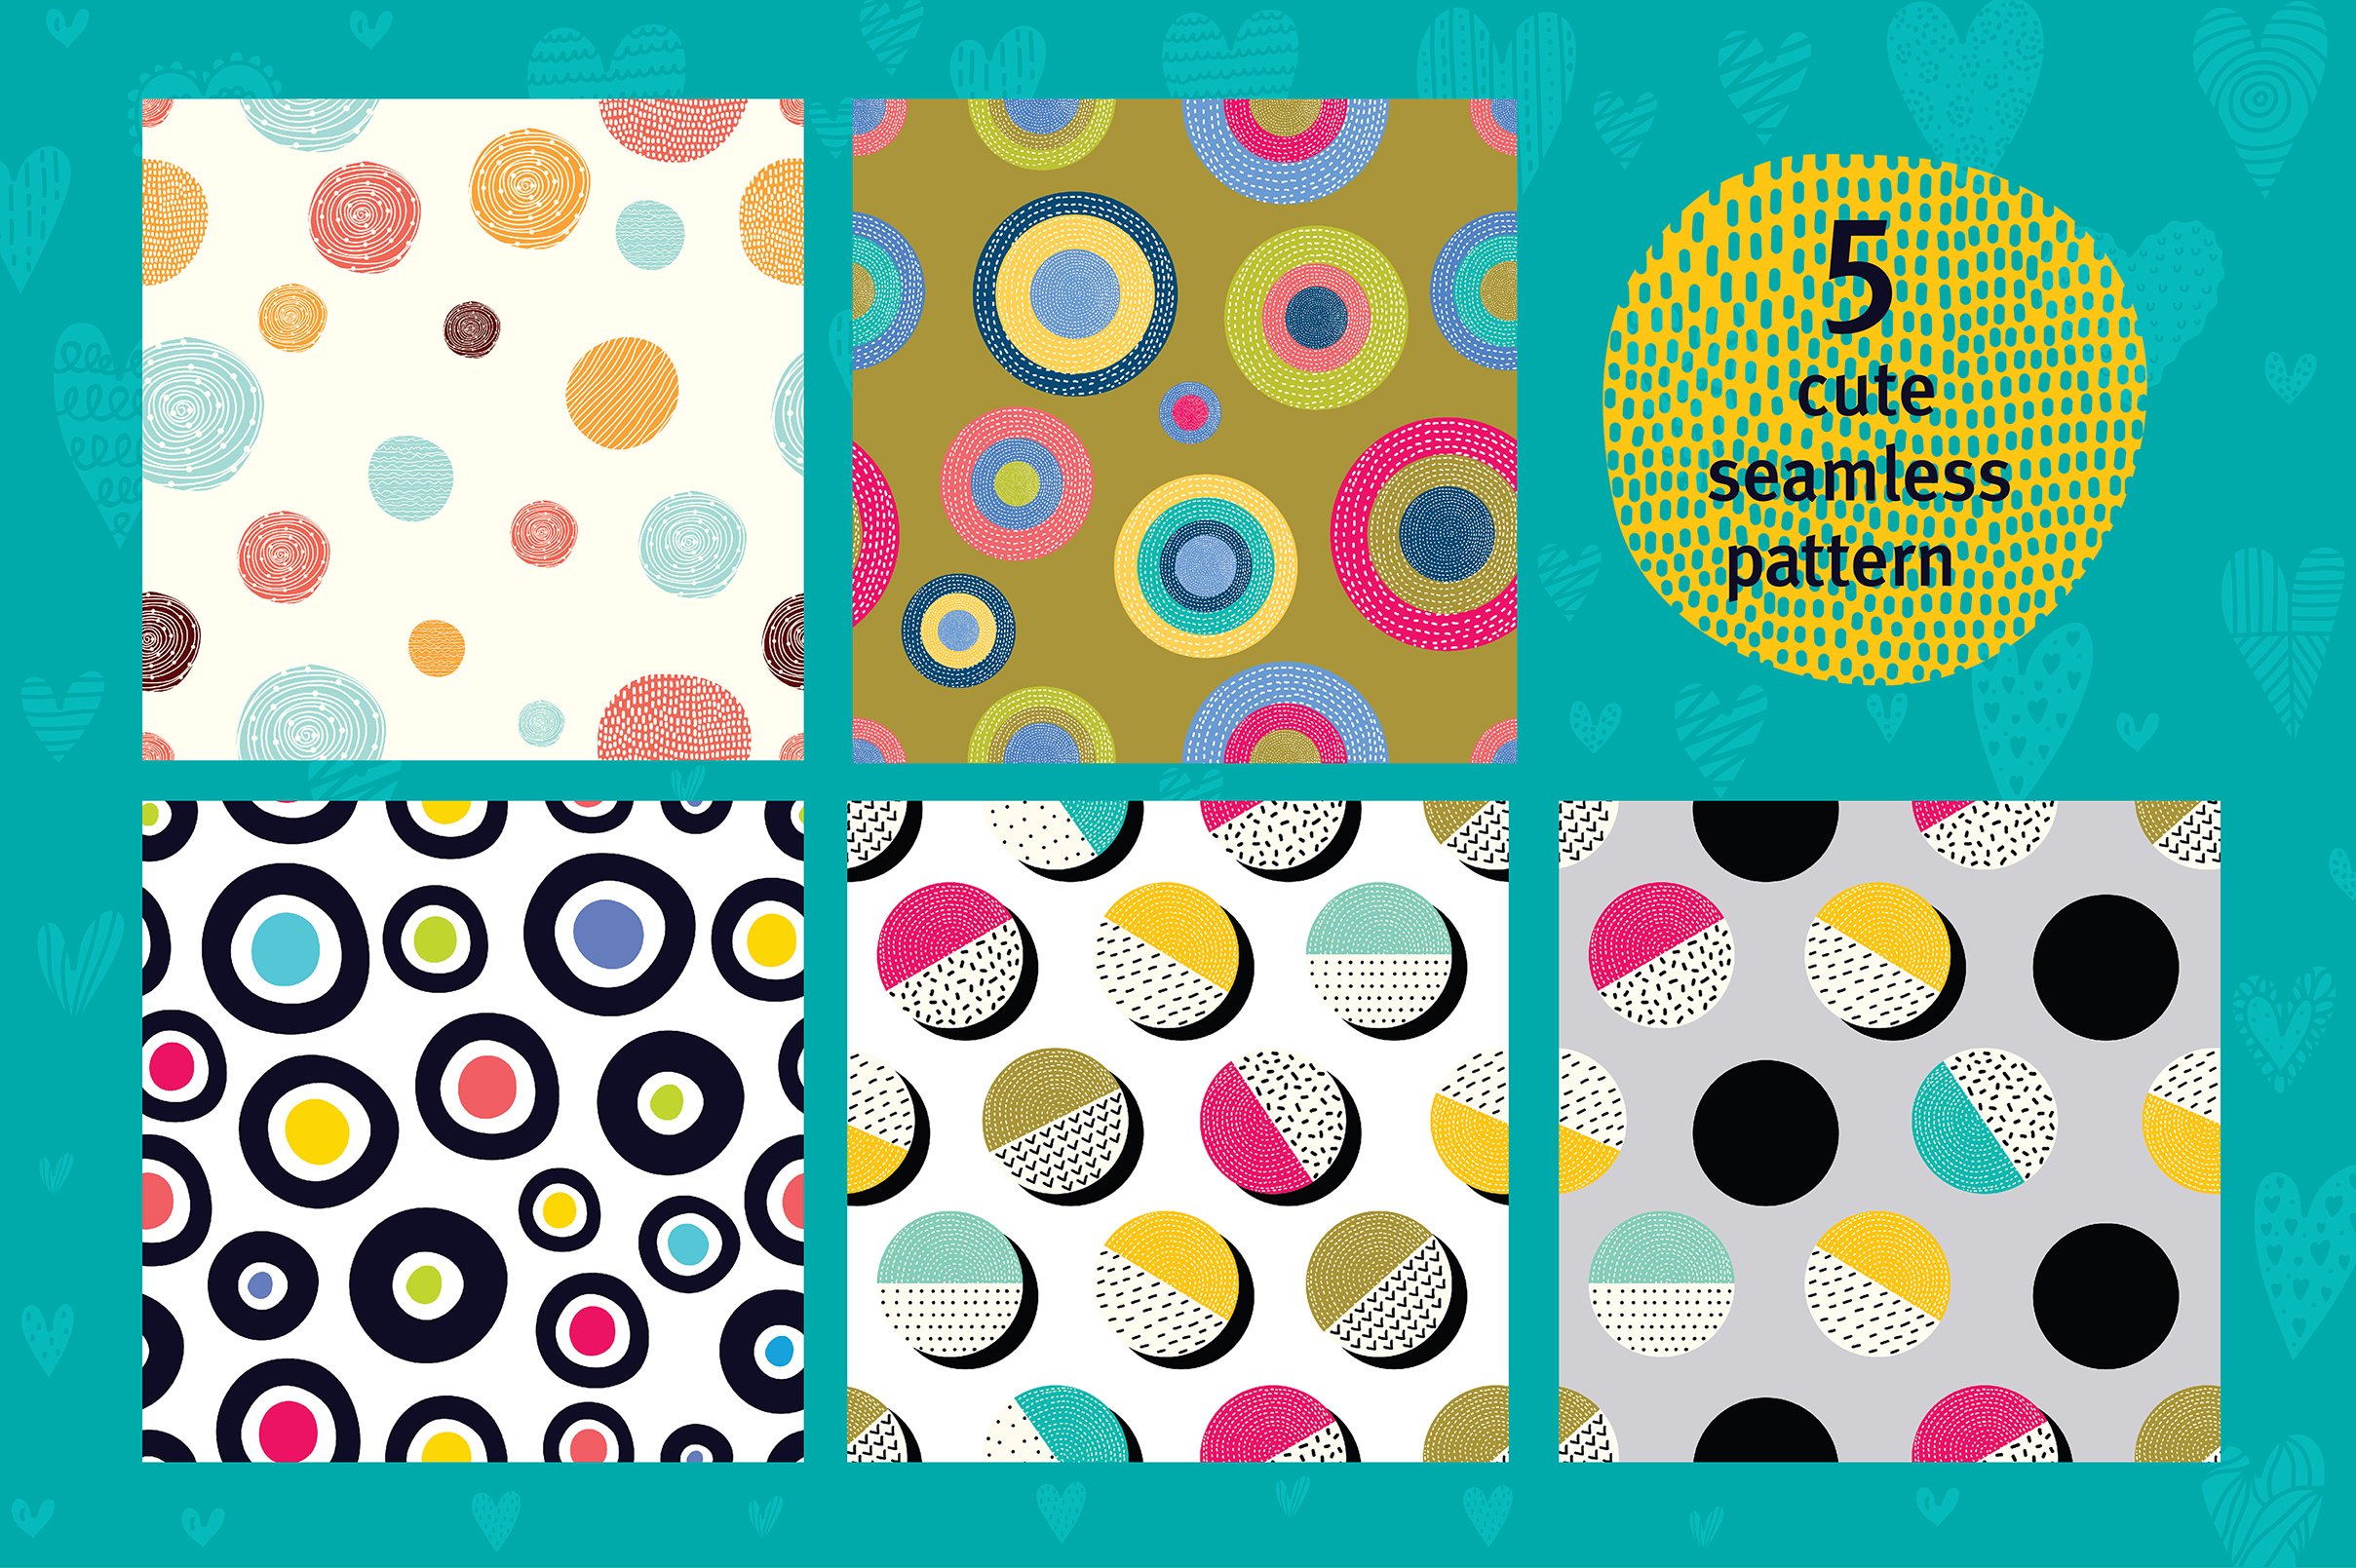 Love polka dots! example image 4